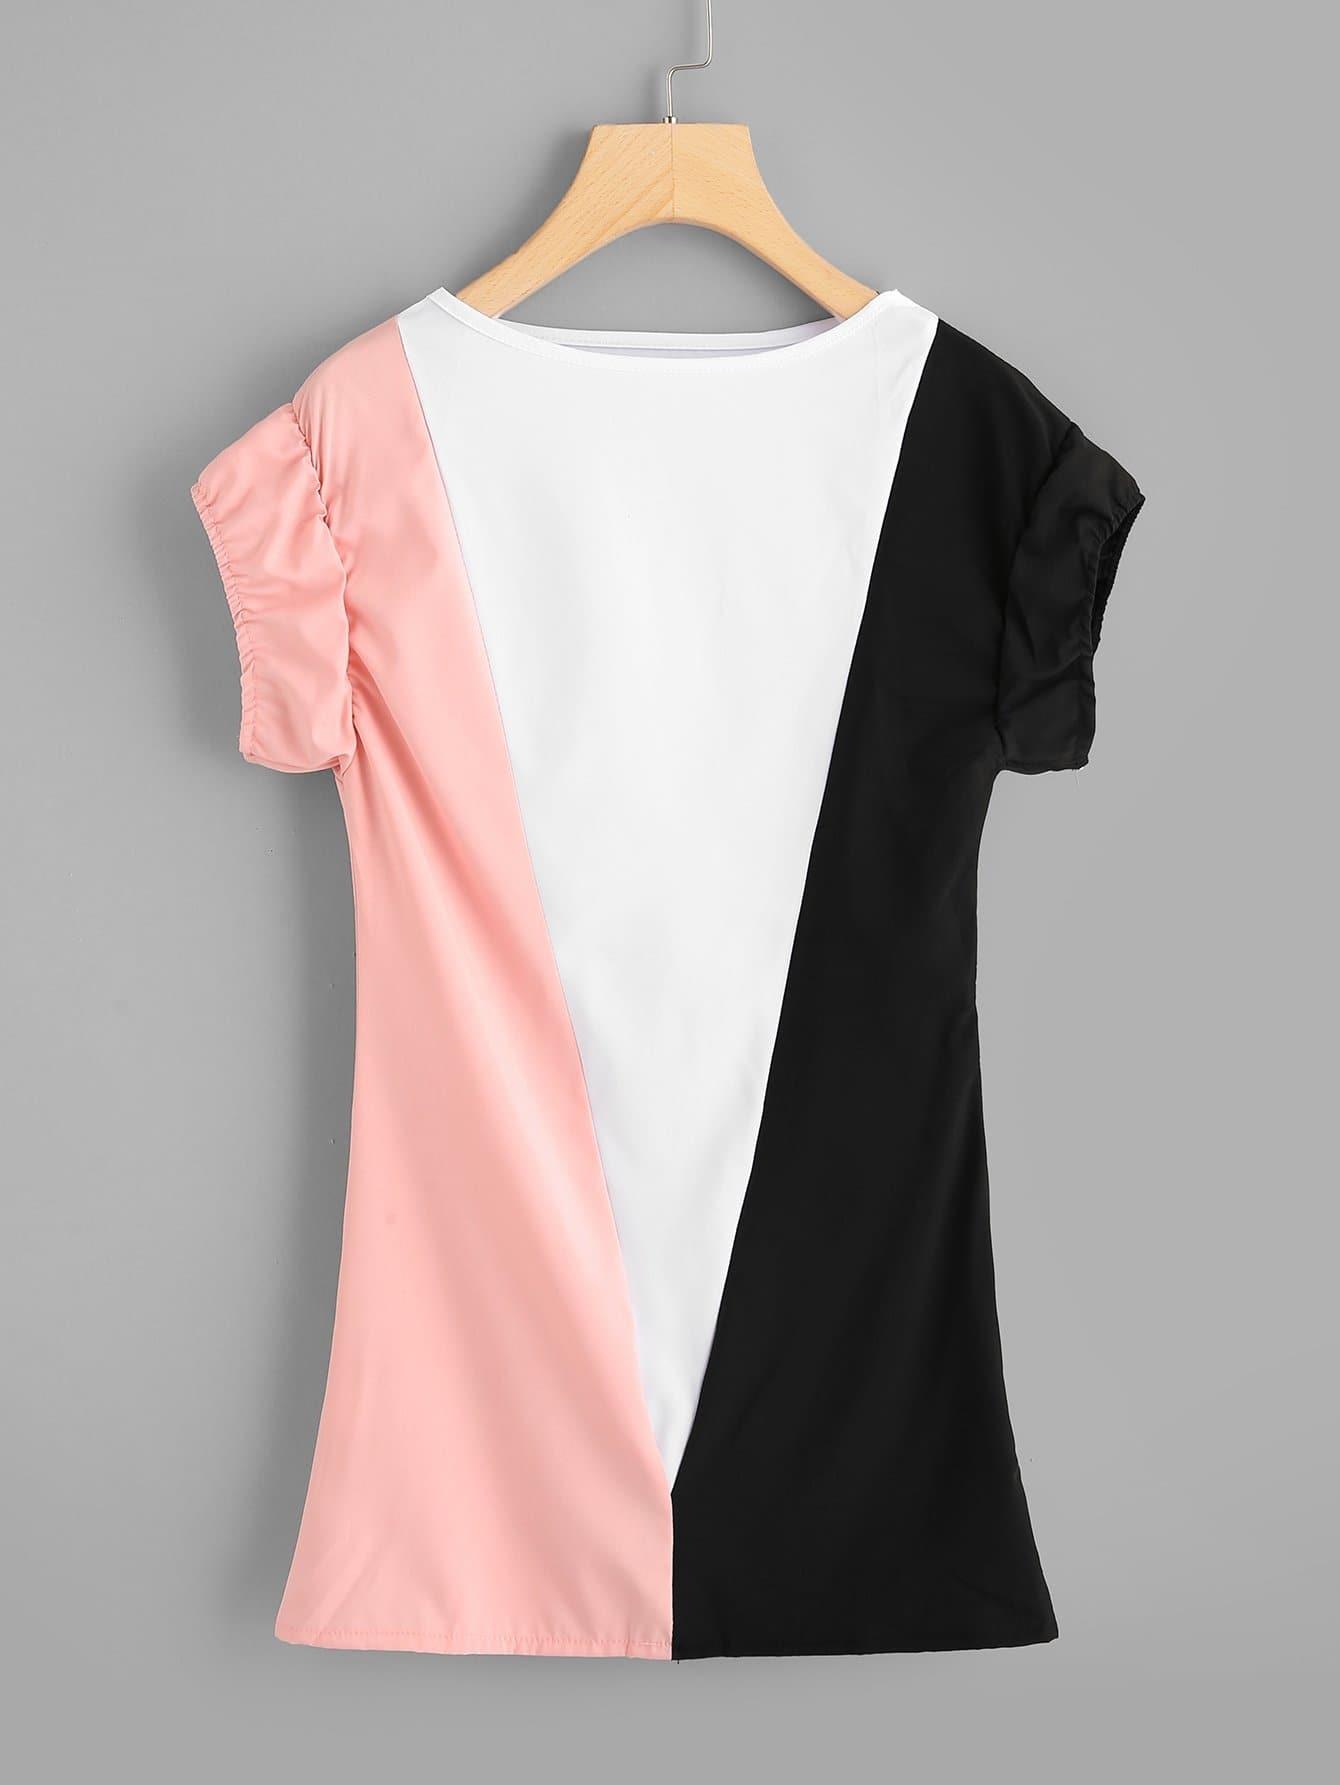 Купить Цветная кусковая рубашка и с воротником лодки, null, SheIn